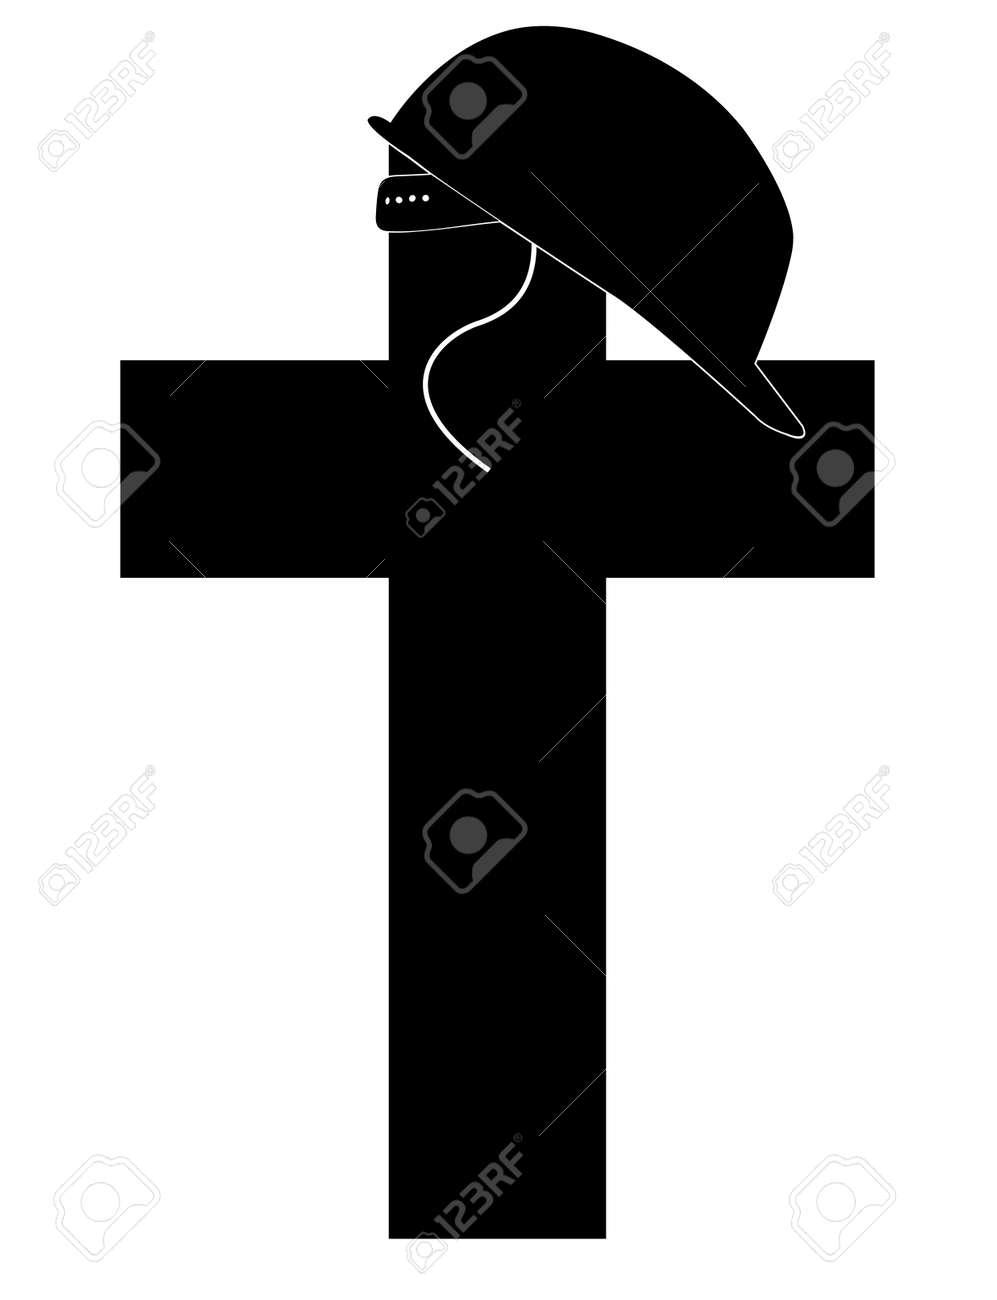 silhouette of soldiers helmet sitting on top of memorial cross